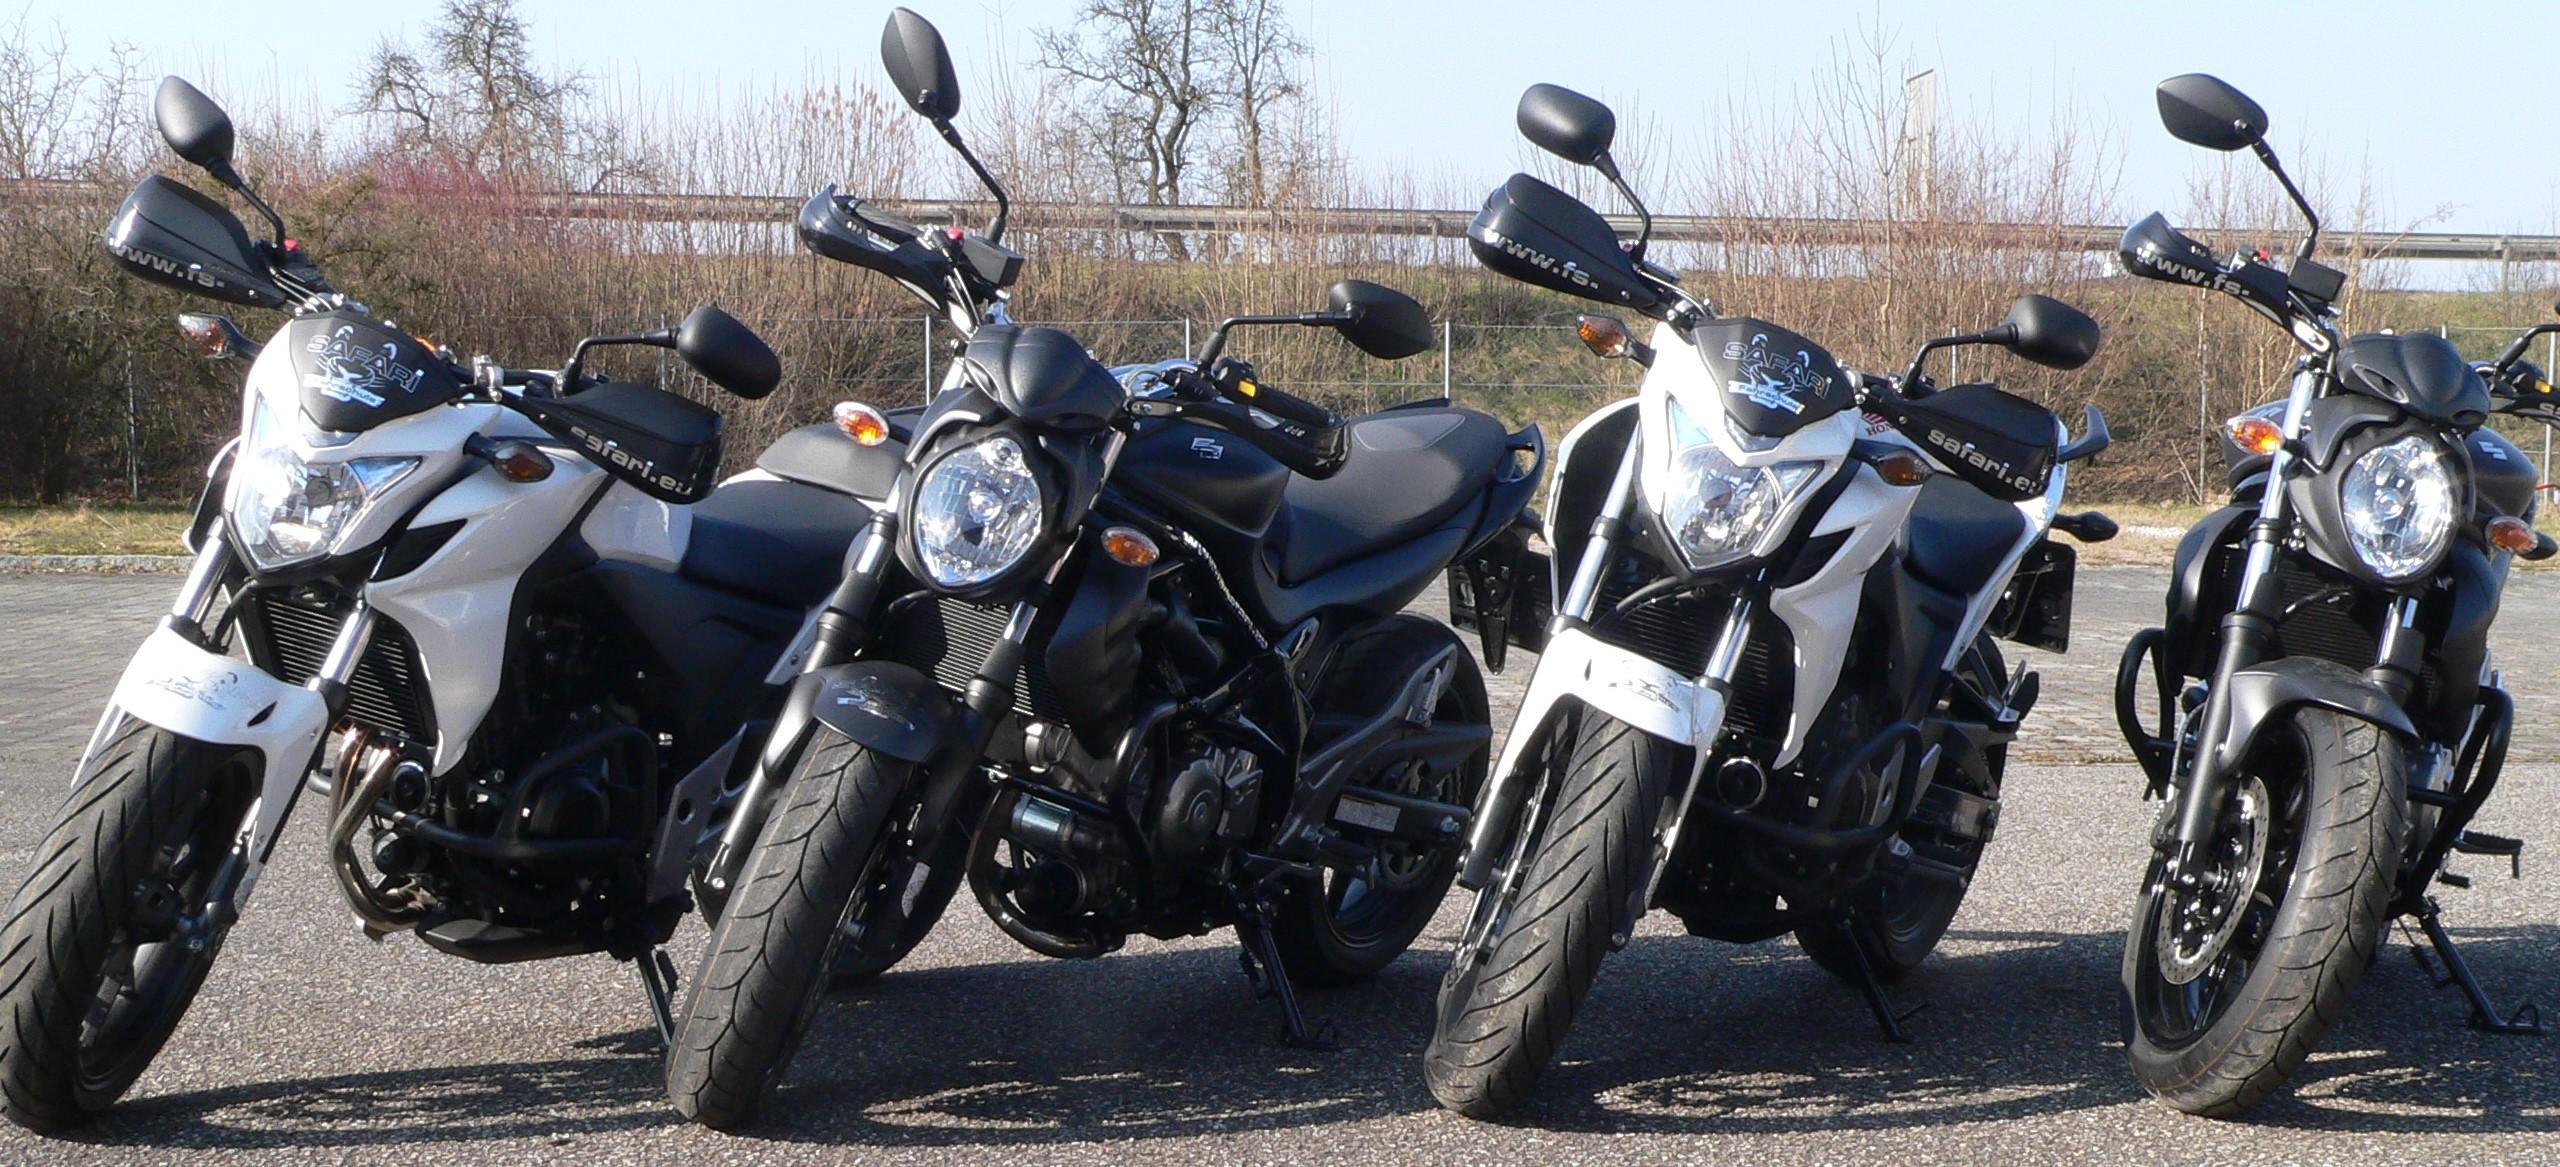 8f2cbfe938 Fahrschule SAFARI Österreich | Begib dich auf Safari » Motorrad (A1 ...